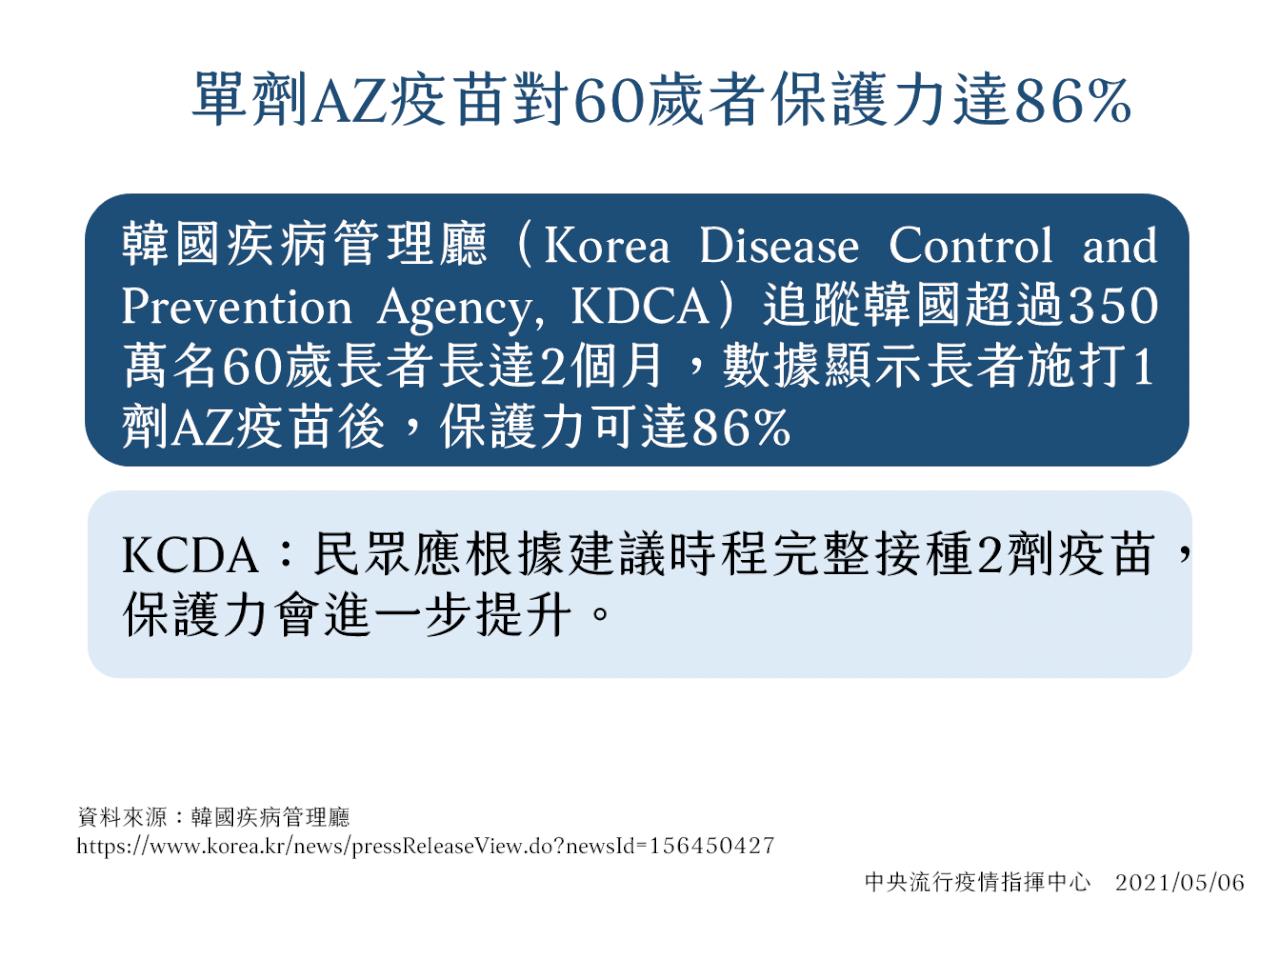 5/10起開放軍人與65歲以上長者打疫苗 指揮中心:打一劑保護力達86%